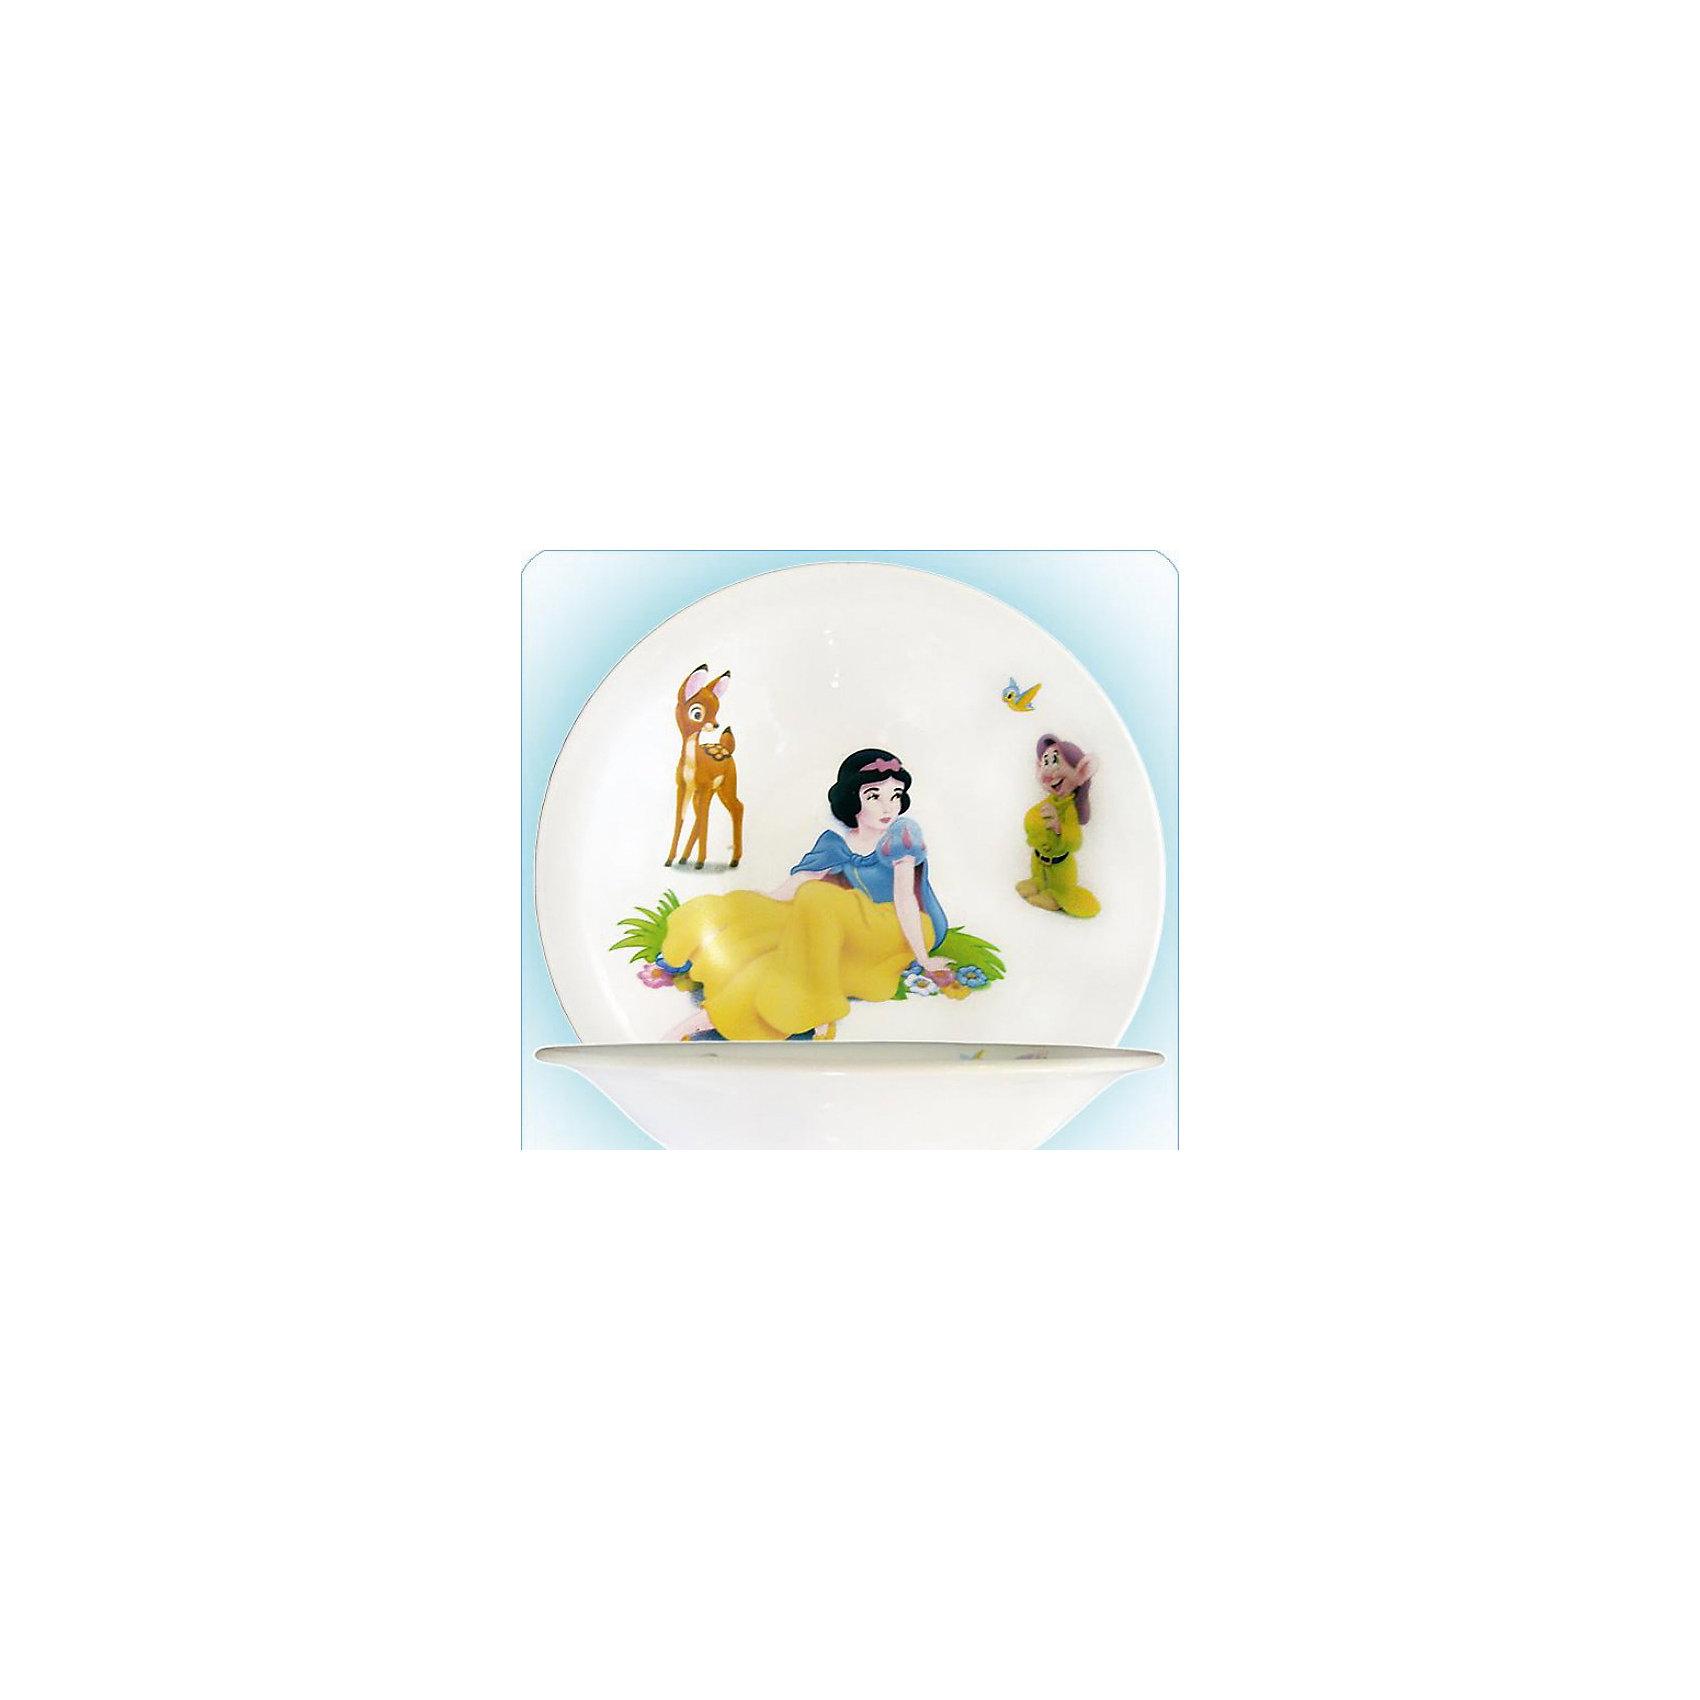 Новый Диск Глубокая тарелка Белоснежка 21 см, Принцессы Дисней кукла золушка 7 5 см принцессы дисней